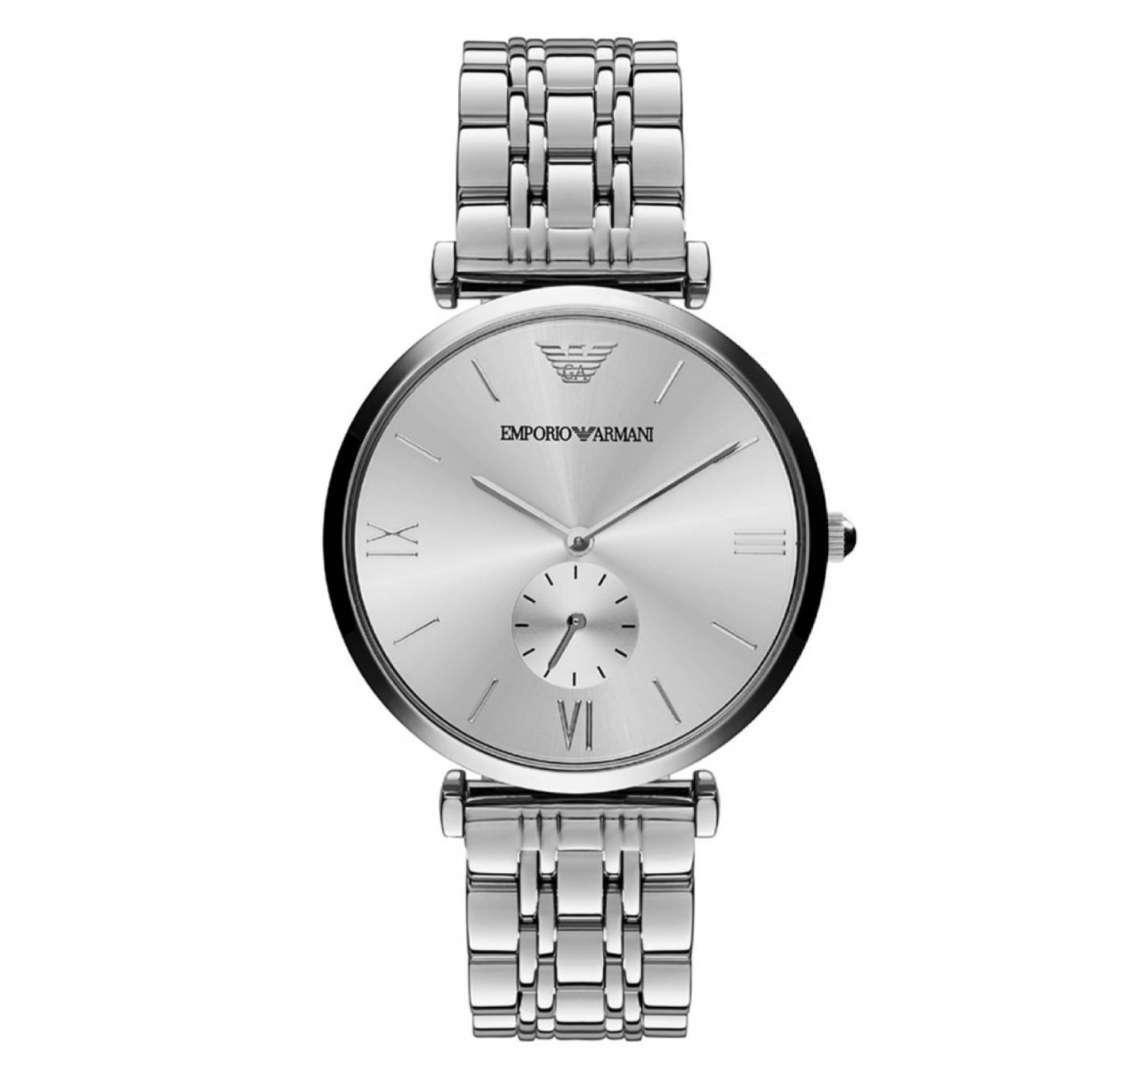 שעון יד אנלוגי לגבר emporio armani ar1819 אמפוריו ארמני